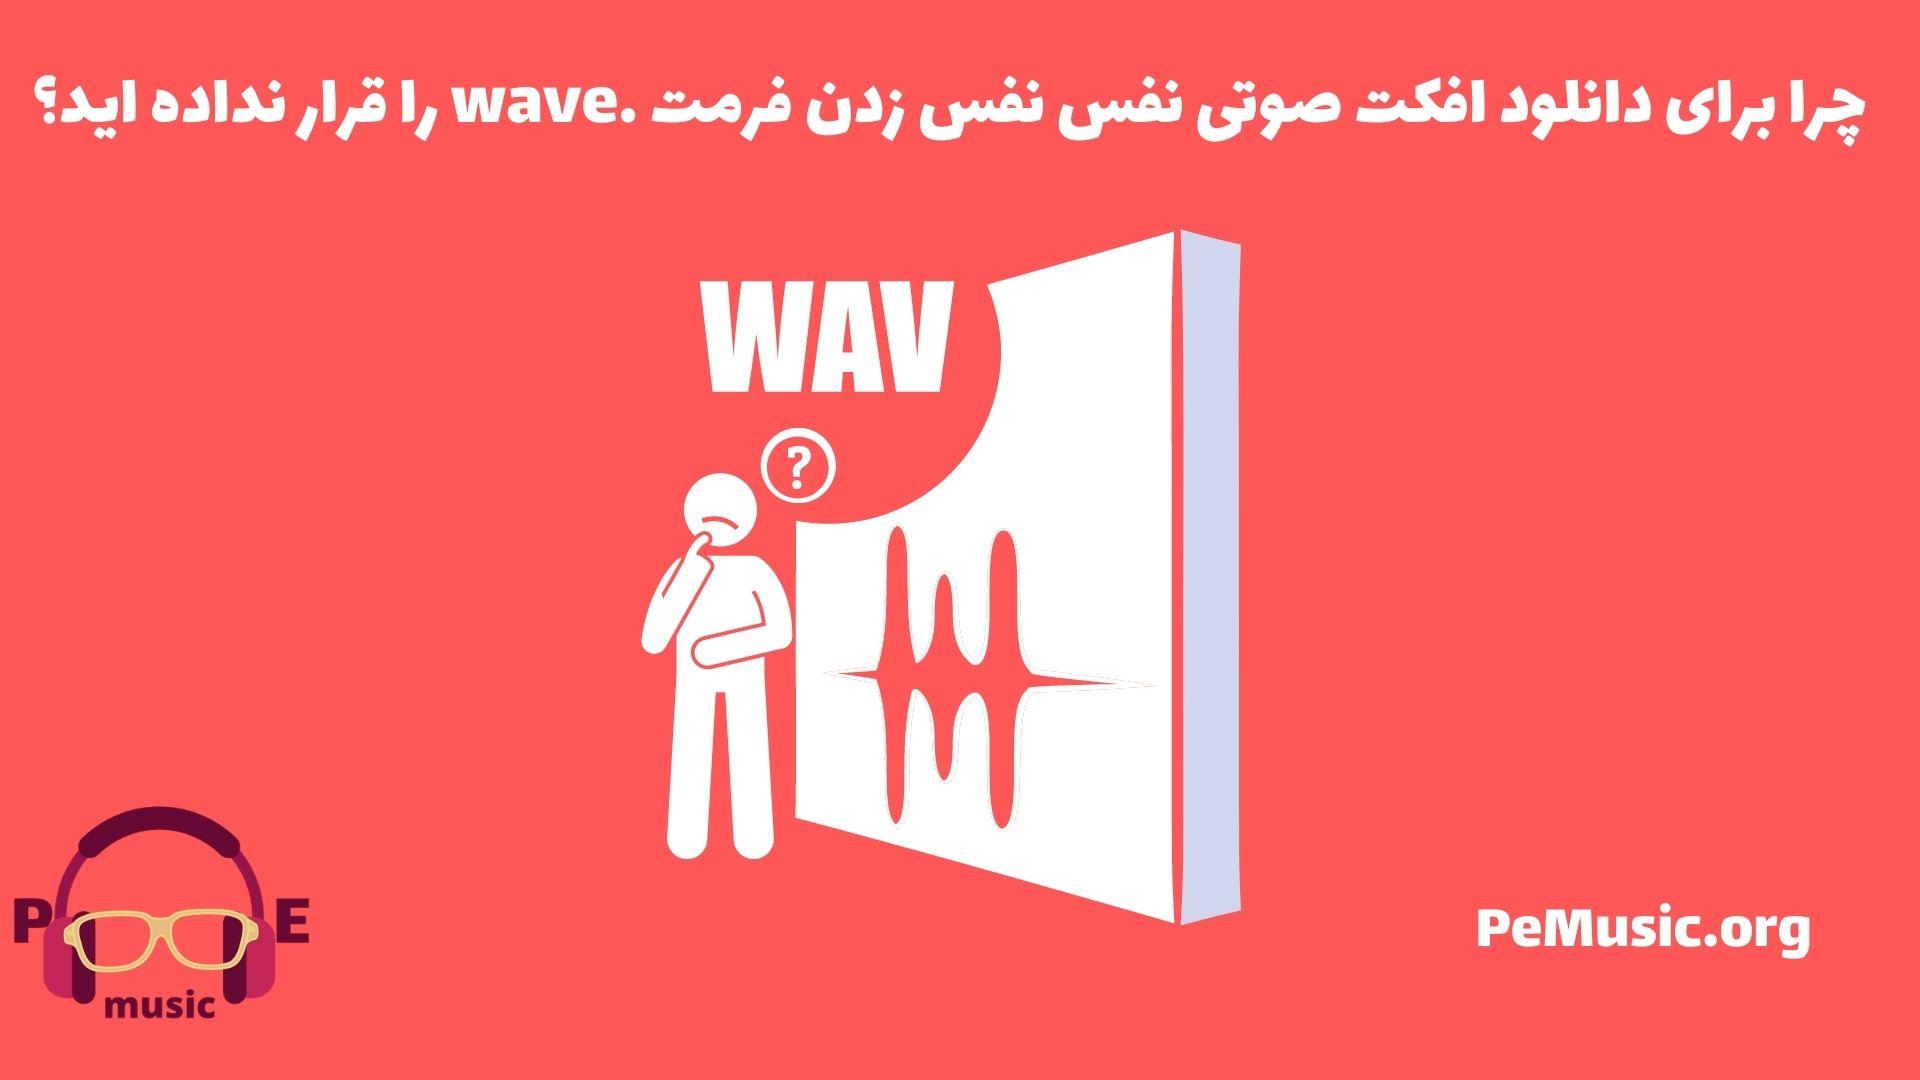 چرا برای دانلود افکت صوتی نفس نفس زدن فرمت .wave را قرار نداده اید؟